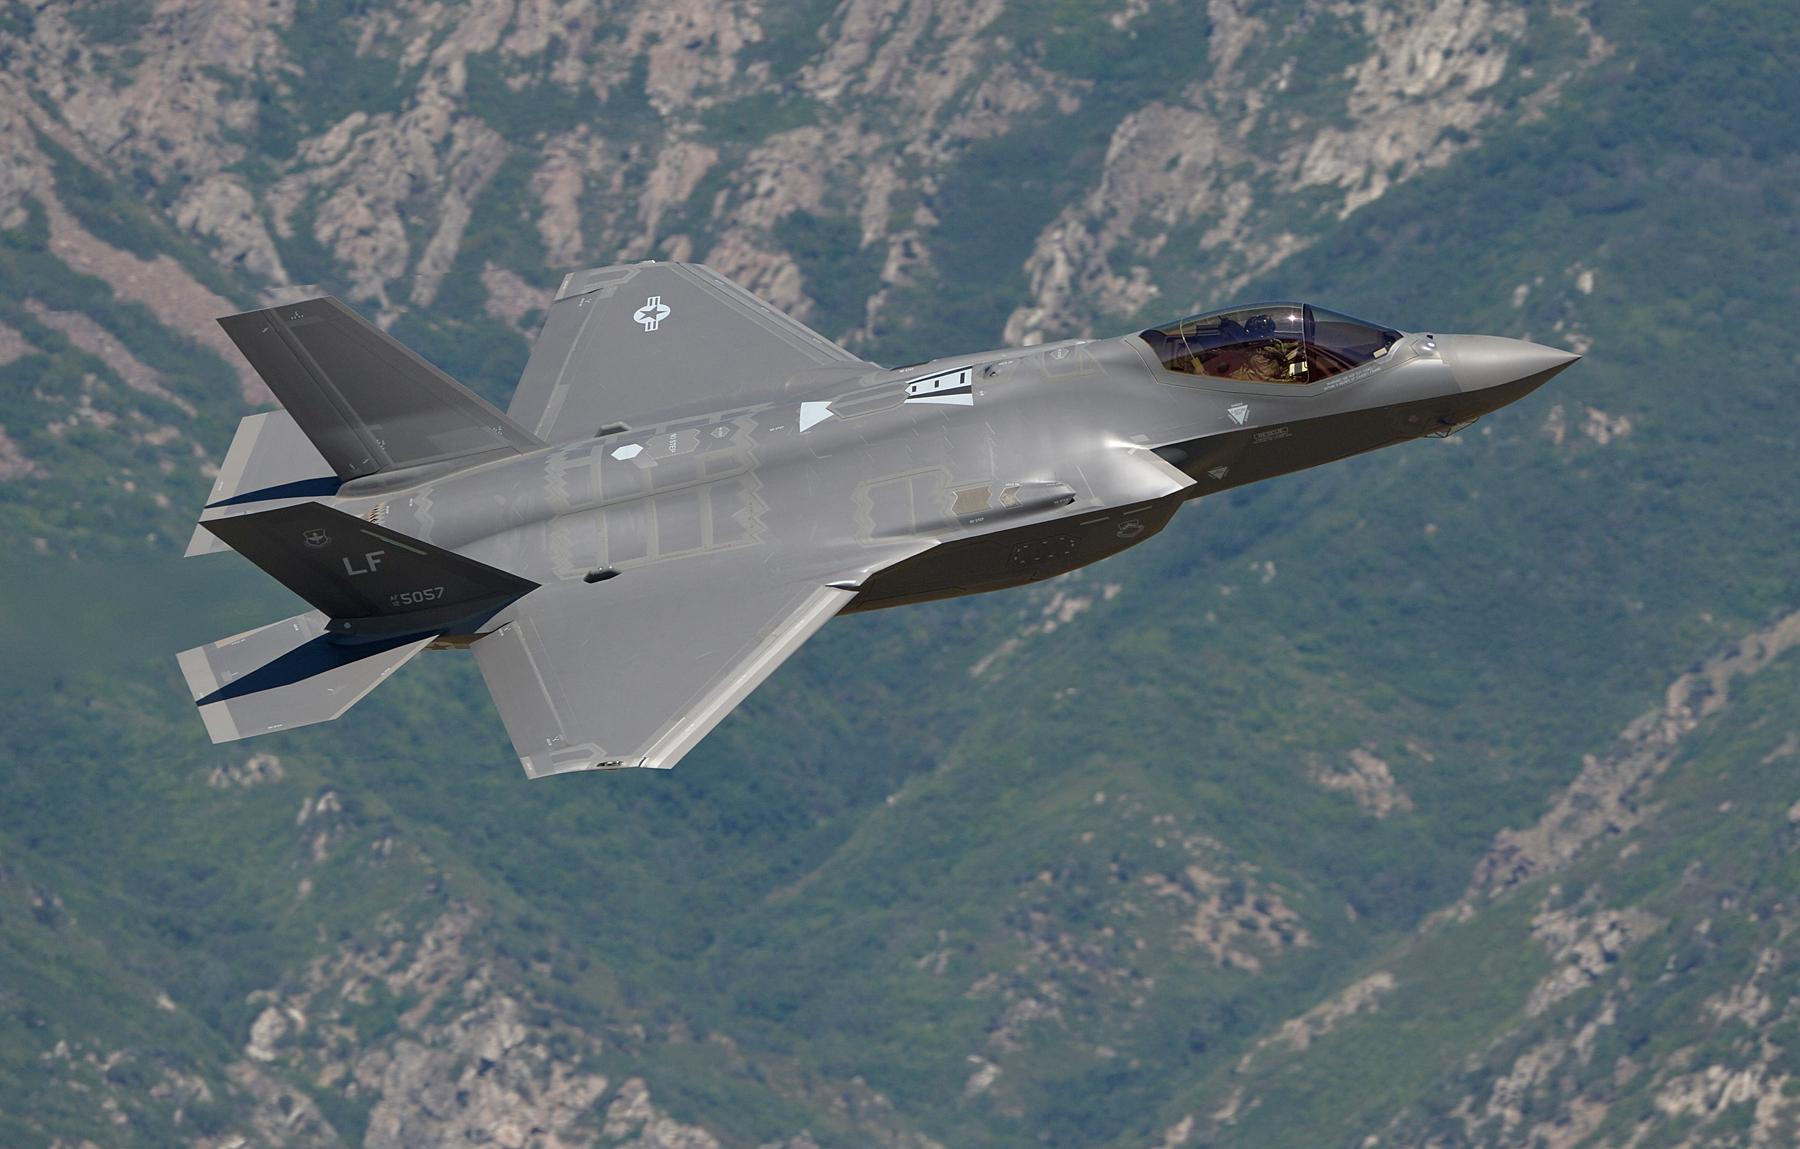 An F-35 arrives at Hill AFB, Utah. Photo: Alex Lloyd, USAF.